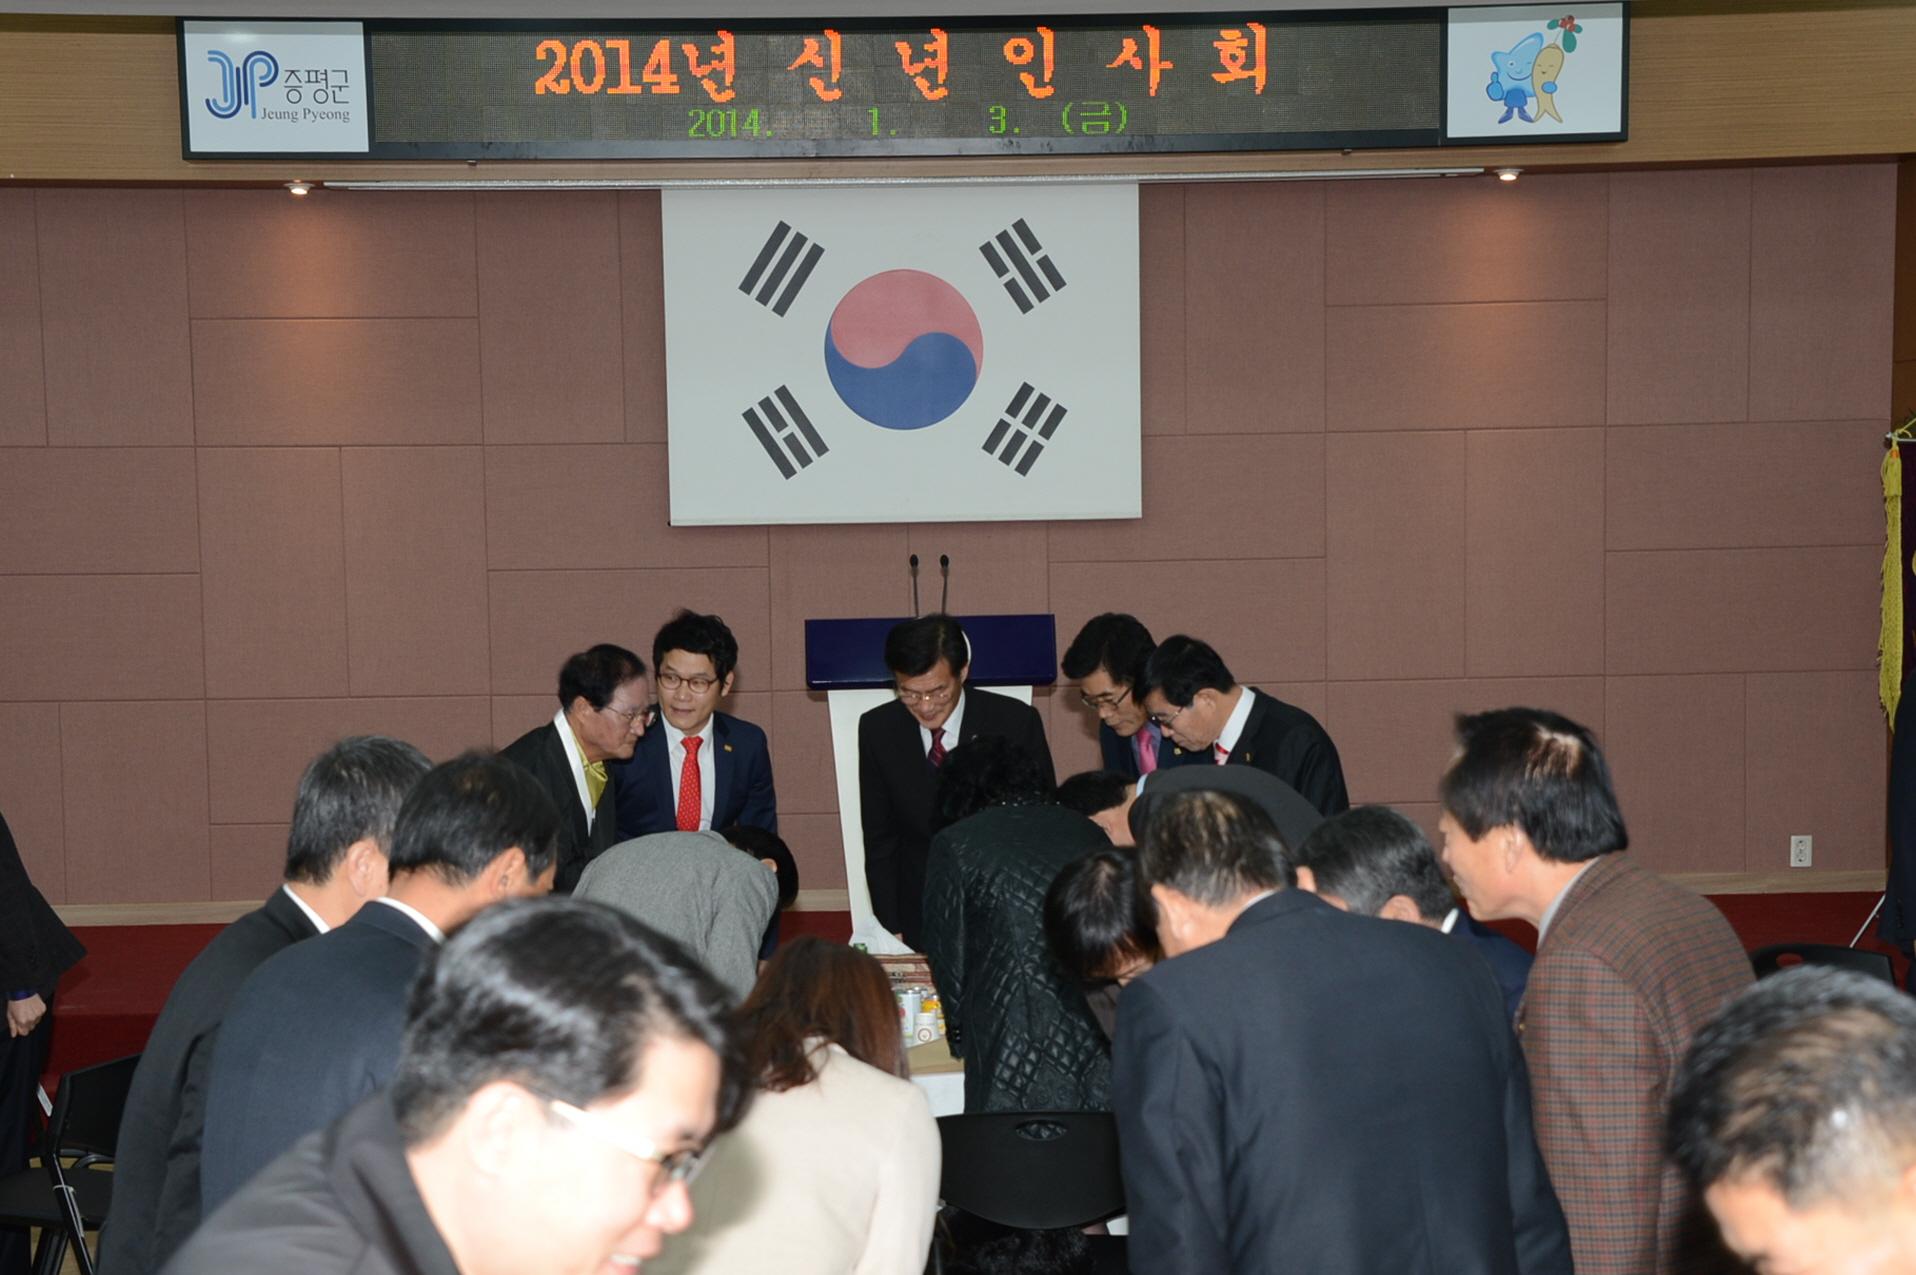 증평청년회의소, 2013년 신년 인사회 개최 [이미지]